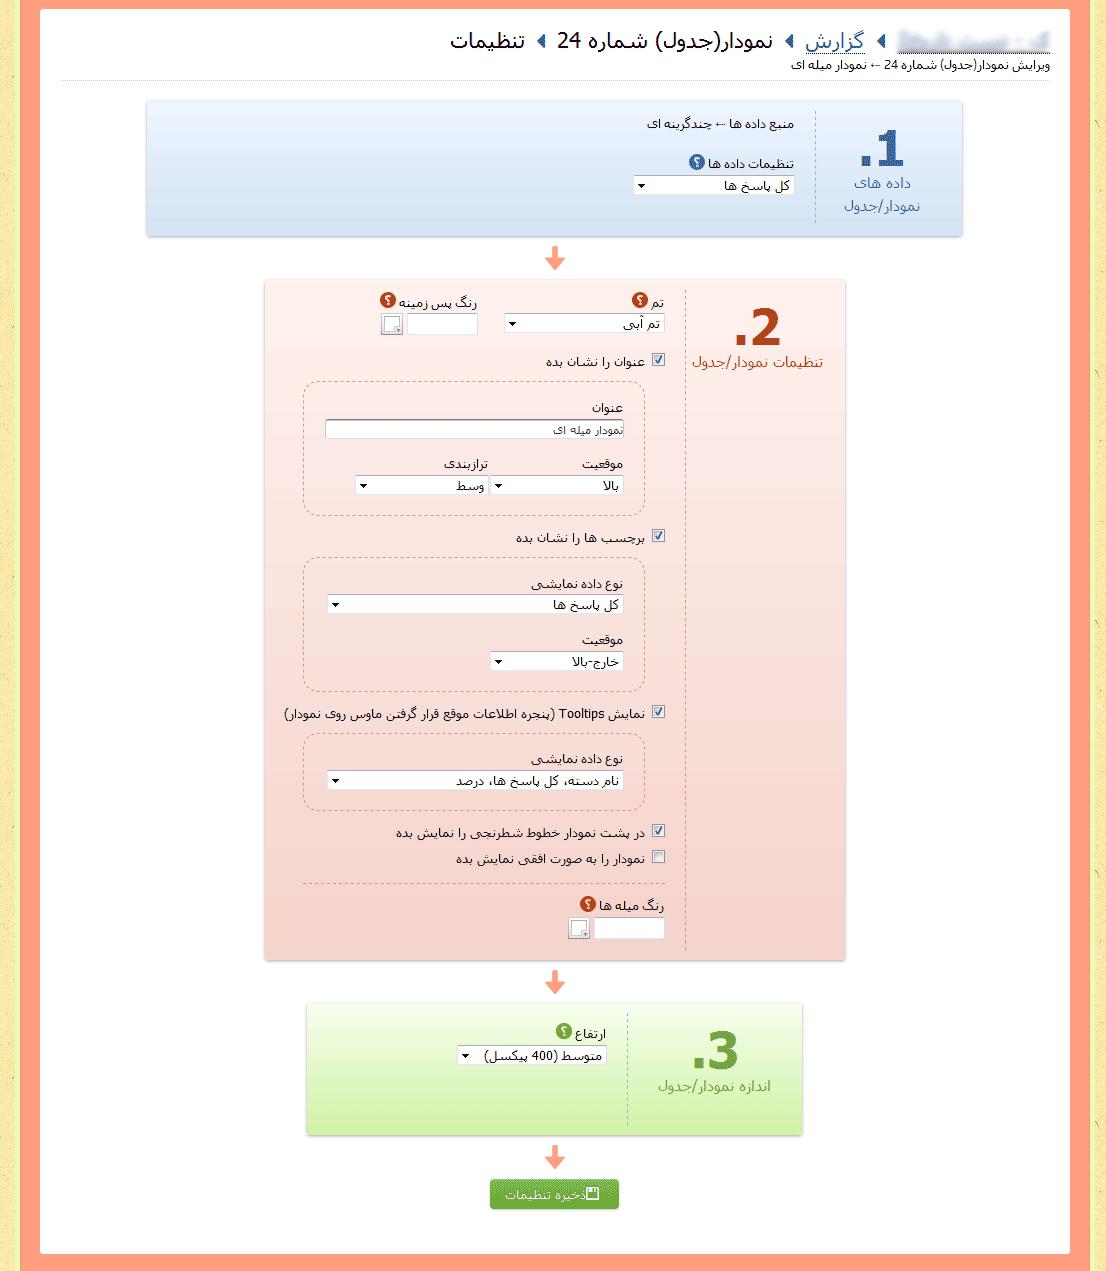 تنظیمات نمودار/جدول